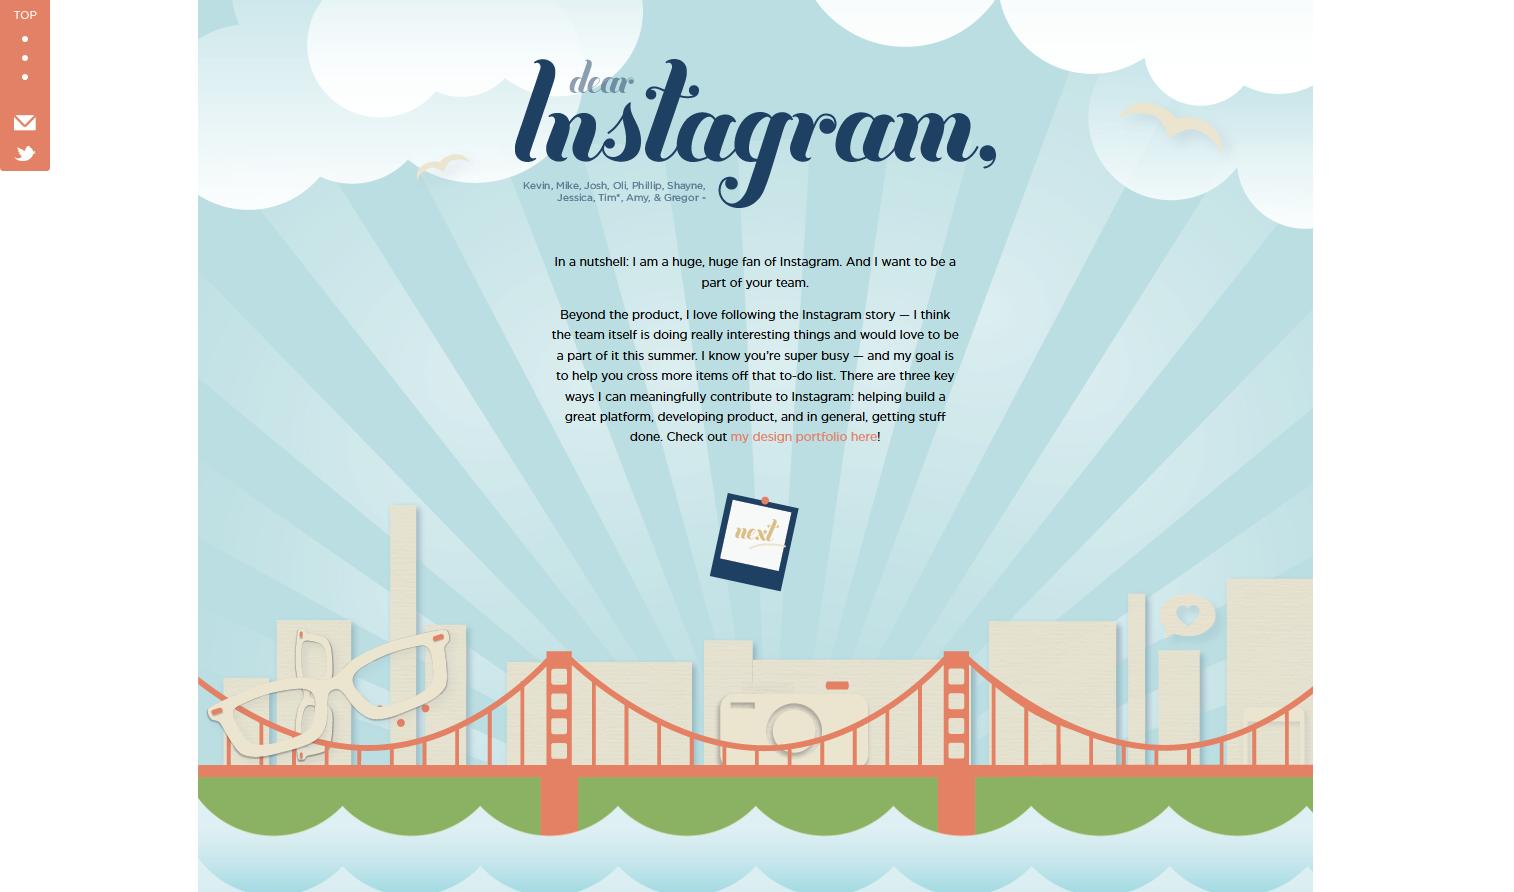 dearinstagram online cover letter